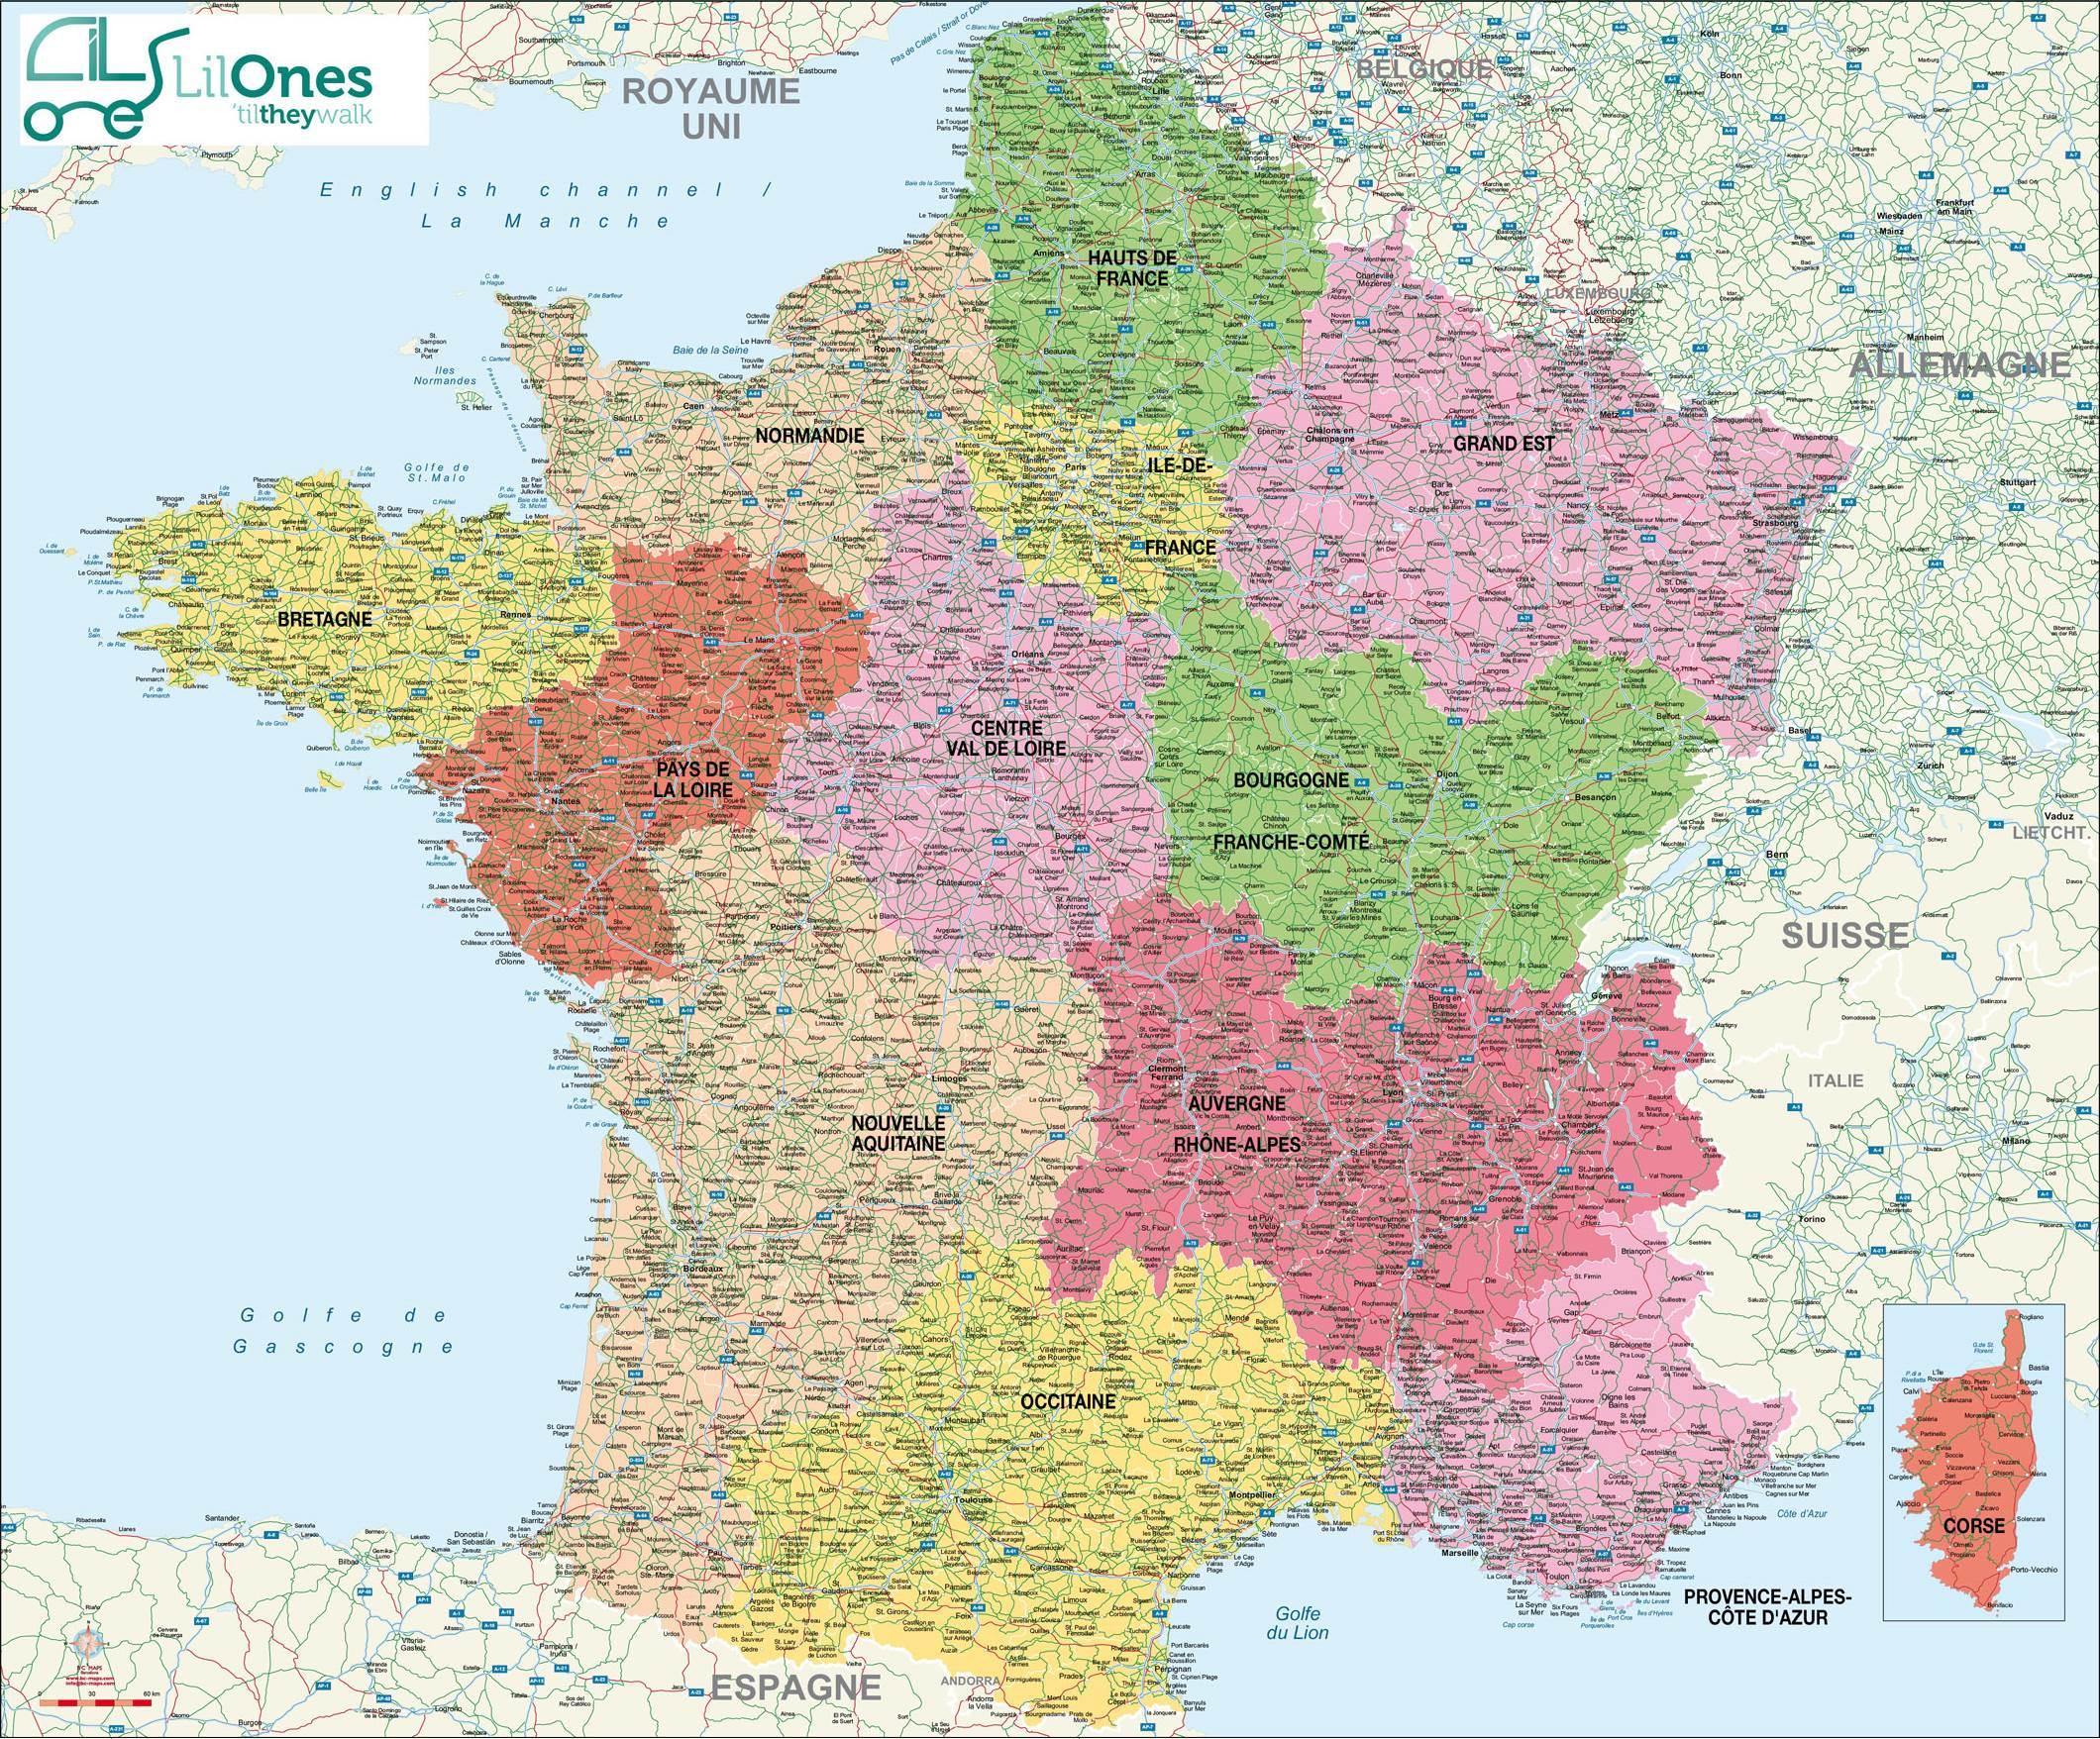 Cartes De France : Cartes Des Régions, Départements Et pour Combien Yat Il De Region En France